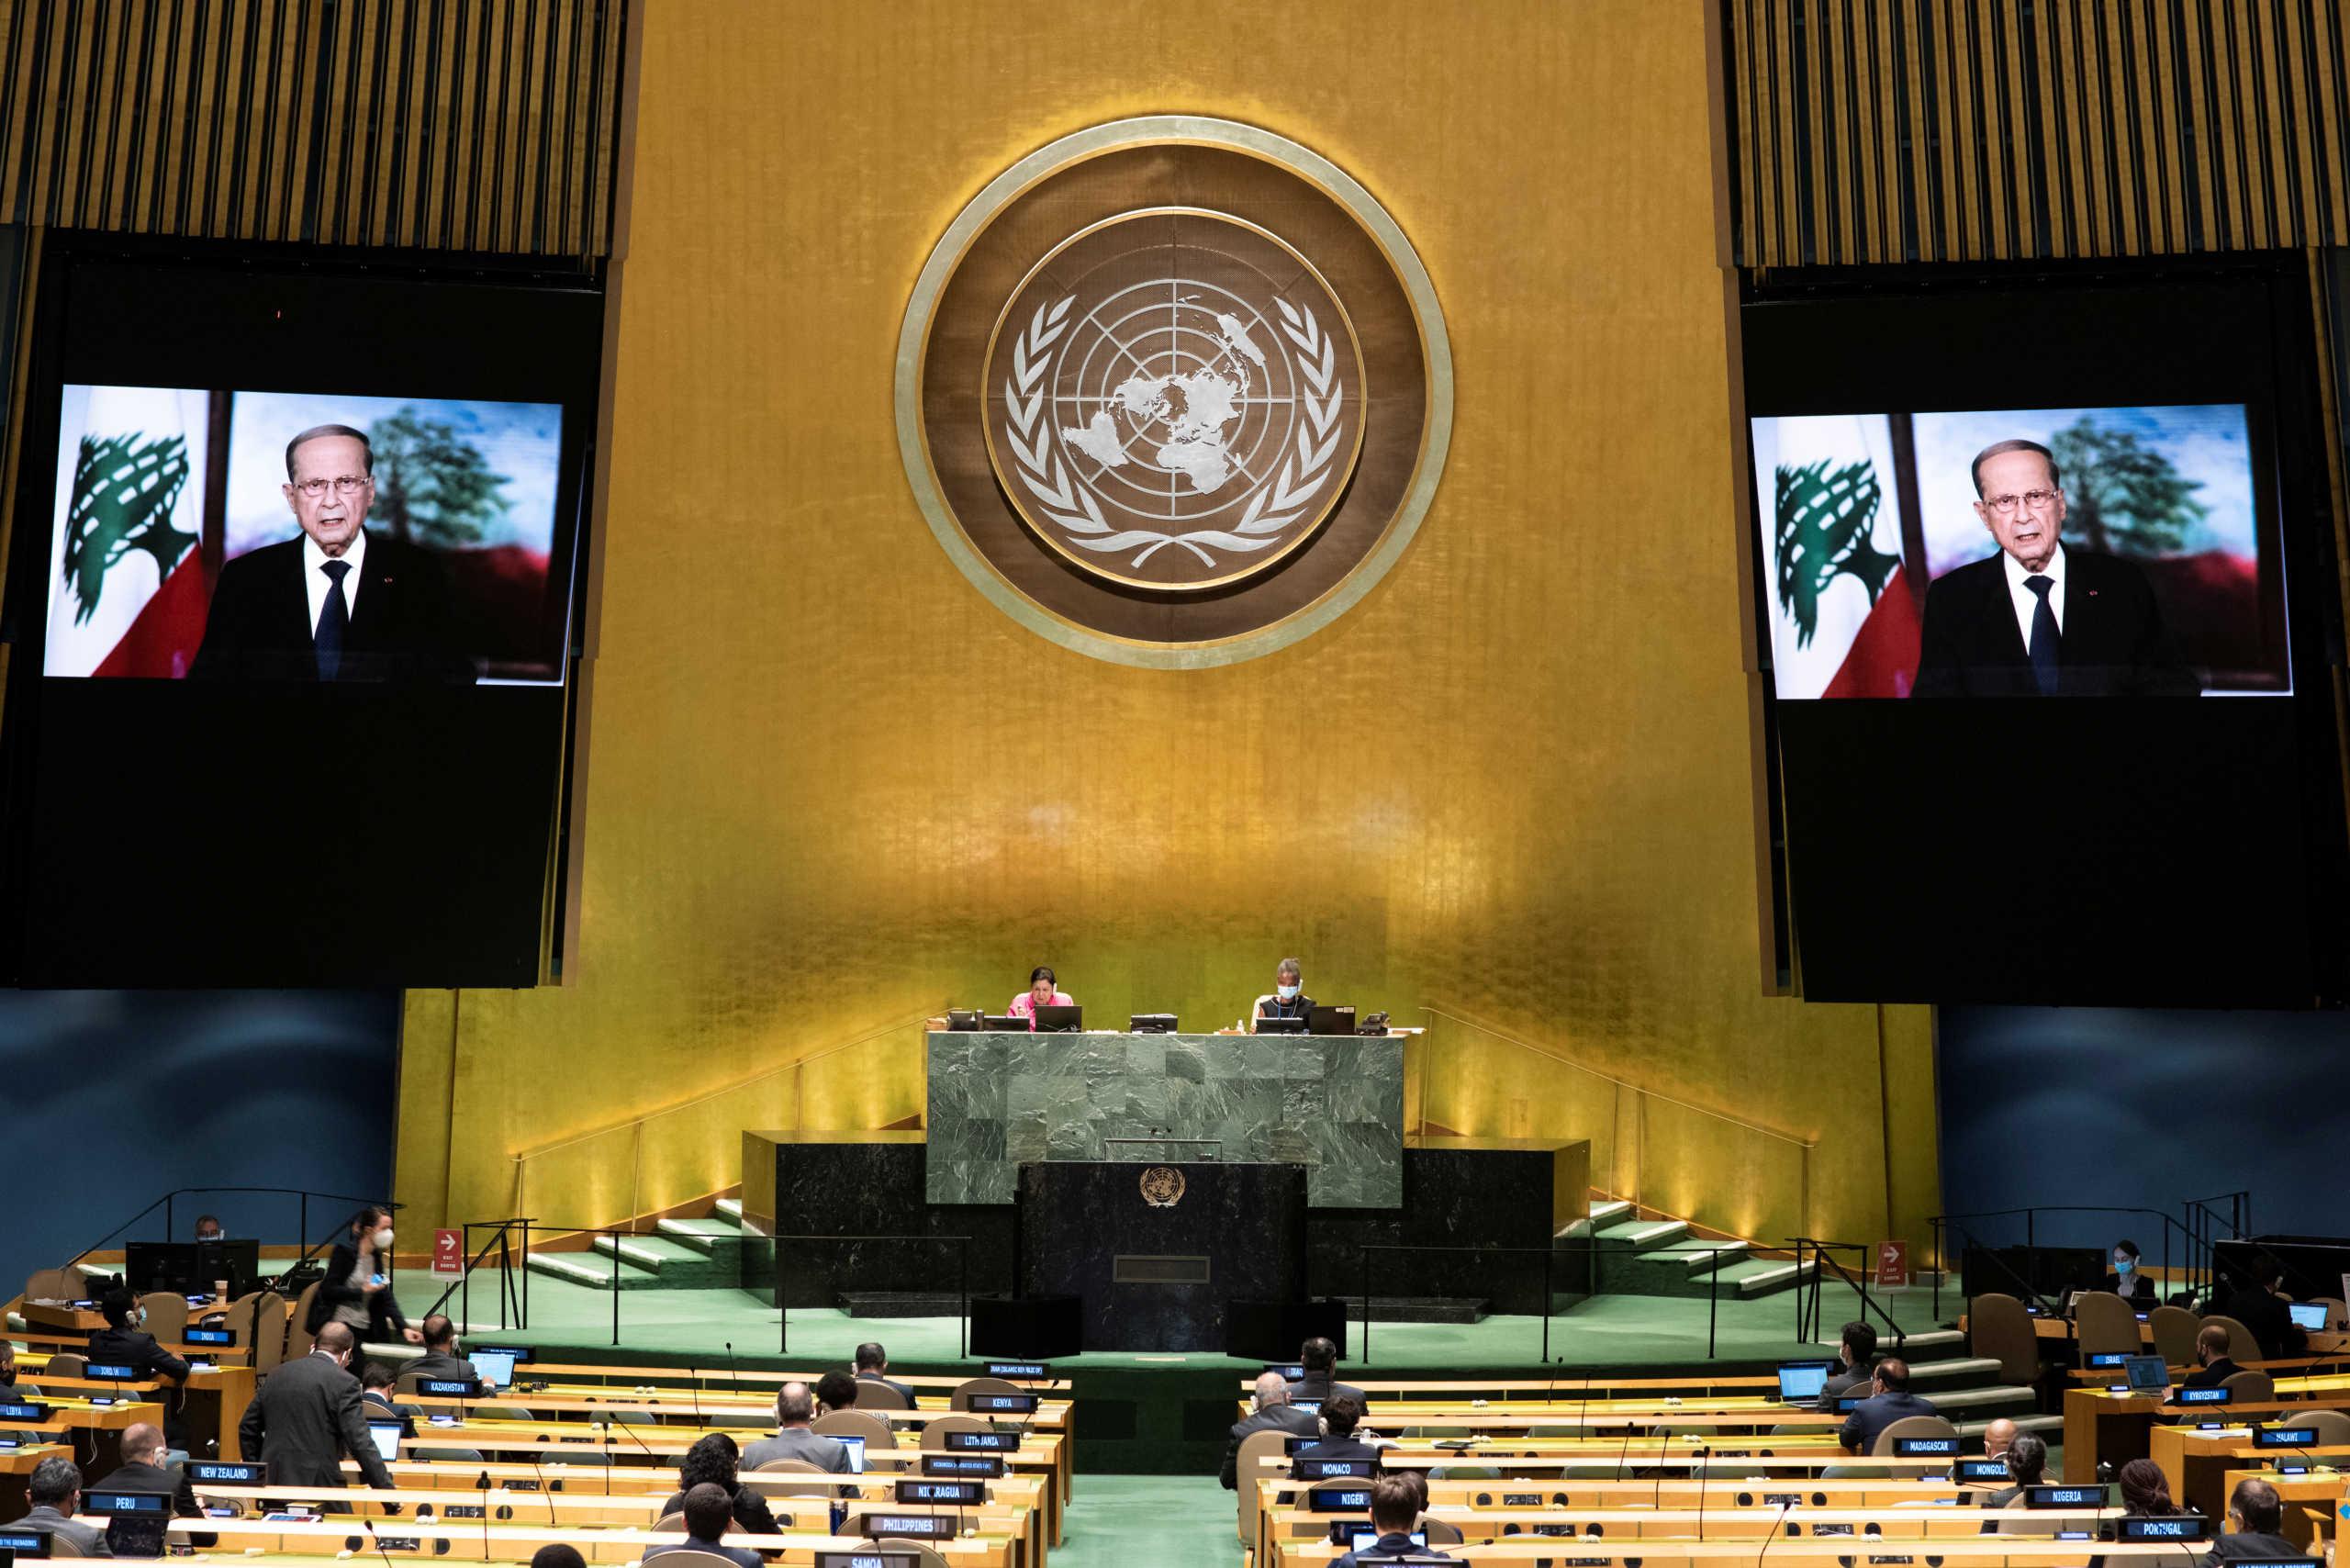 """Οι """"εχθροί"""" Λίβανος και Ισραήλ οριοθετούν τα σύνορά τους σε στεριά και θάλασσα"""